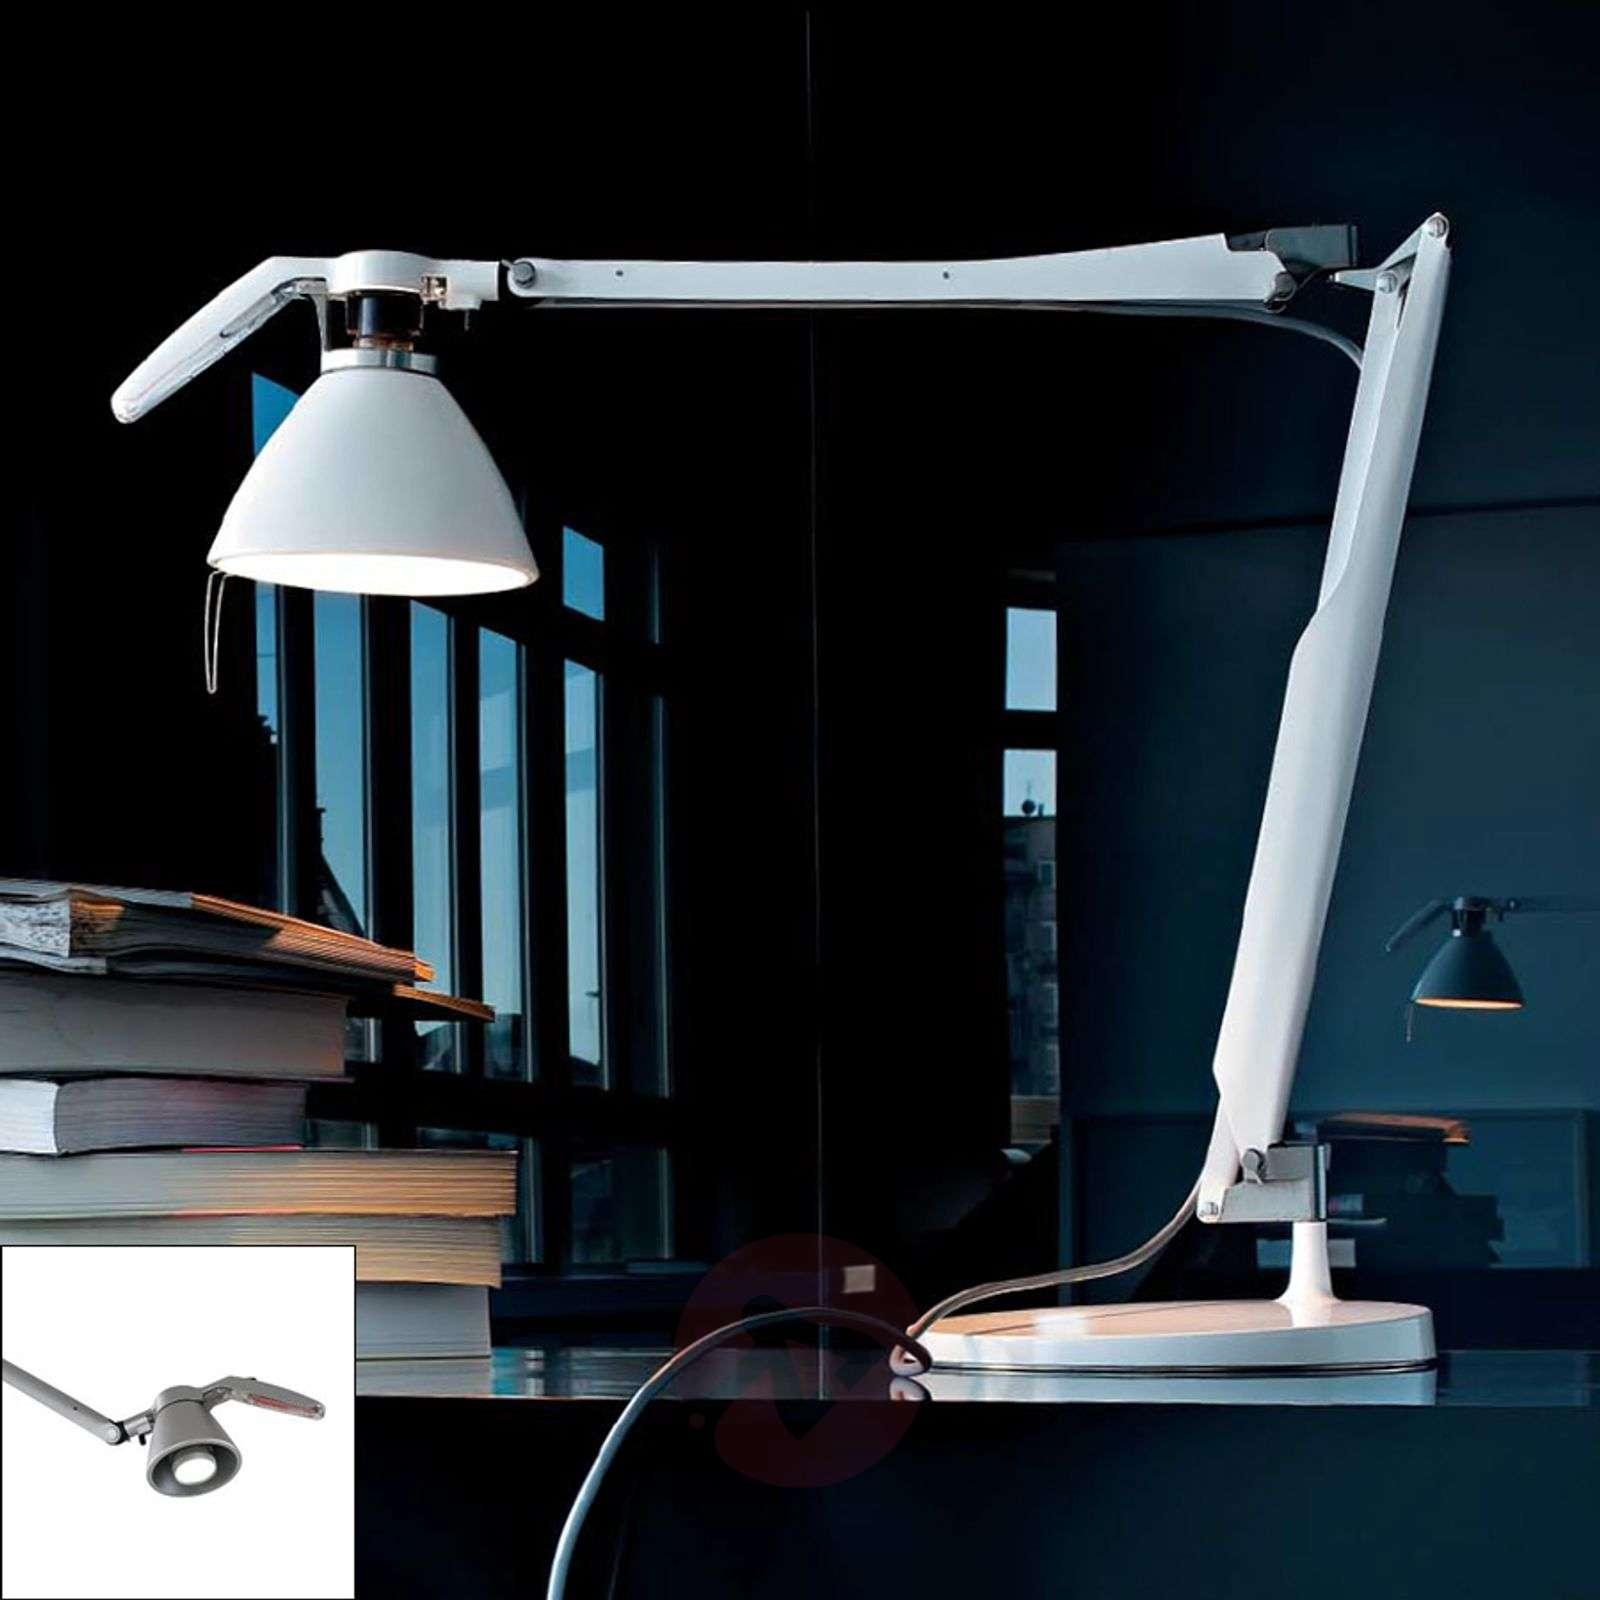 Fortebraccio-LED-työpöytälamppu LEDillä-6030086X-01